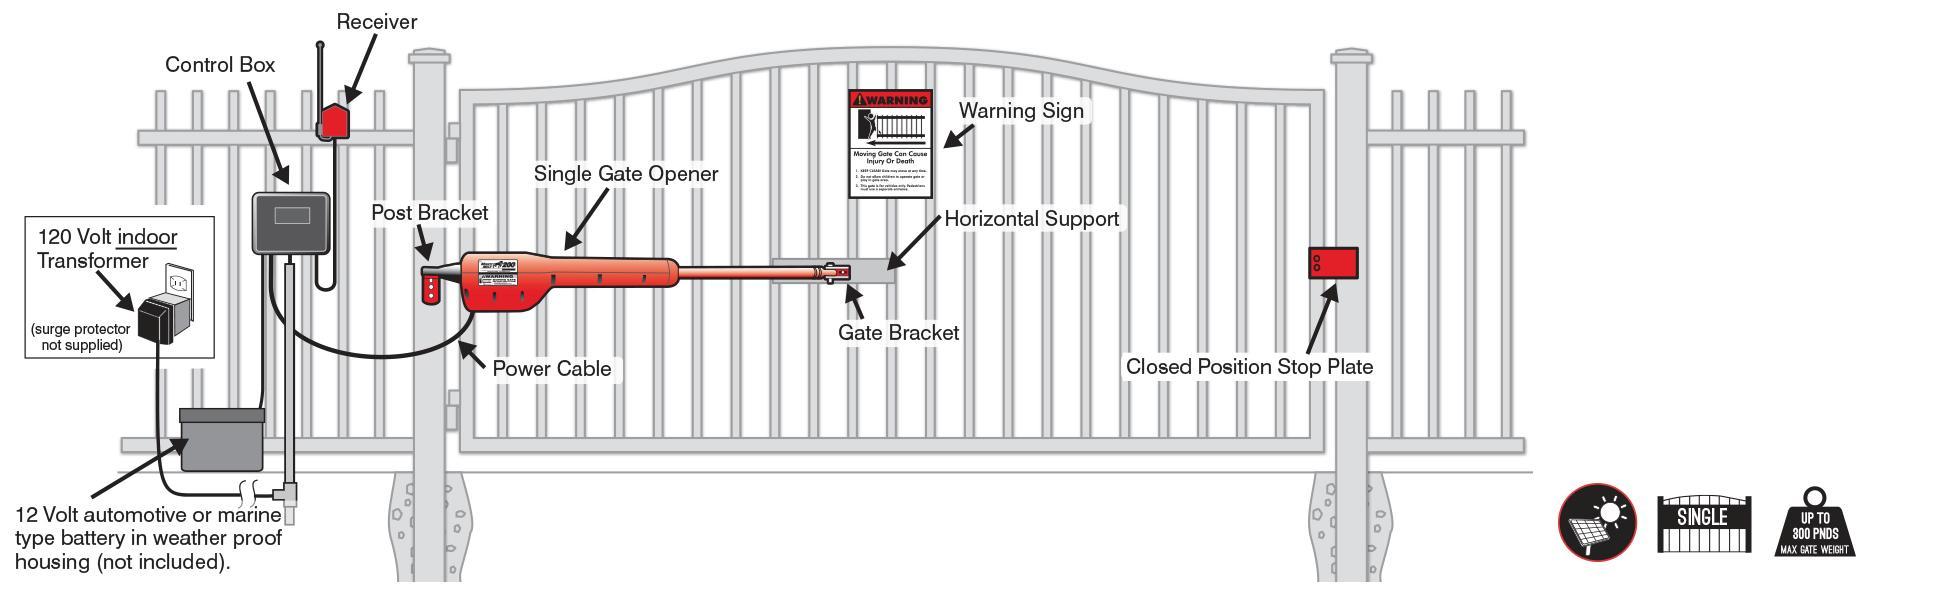 fm200 diagram